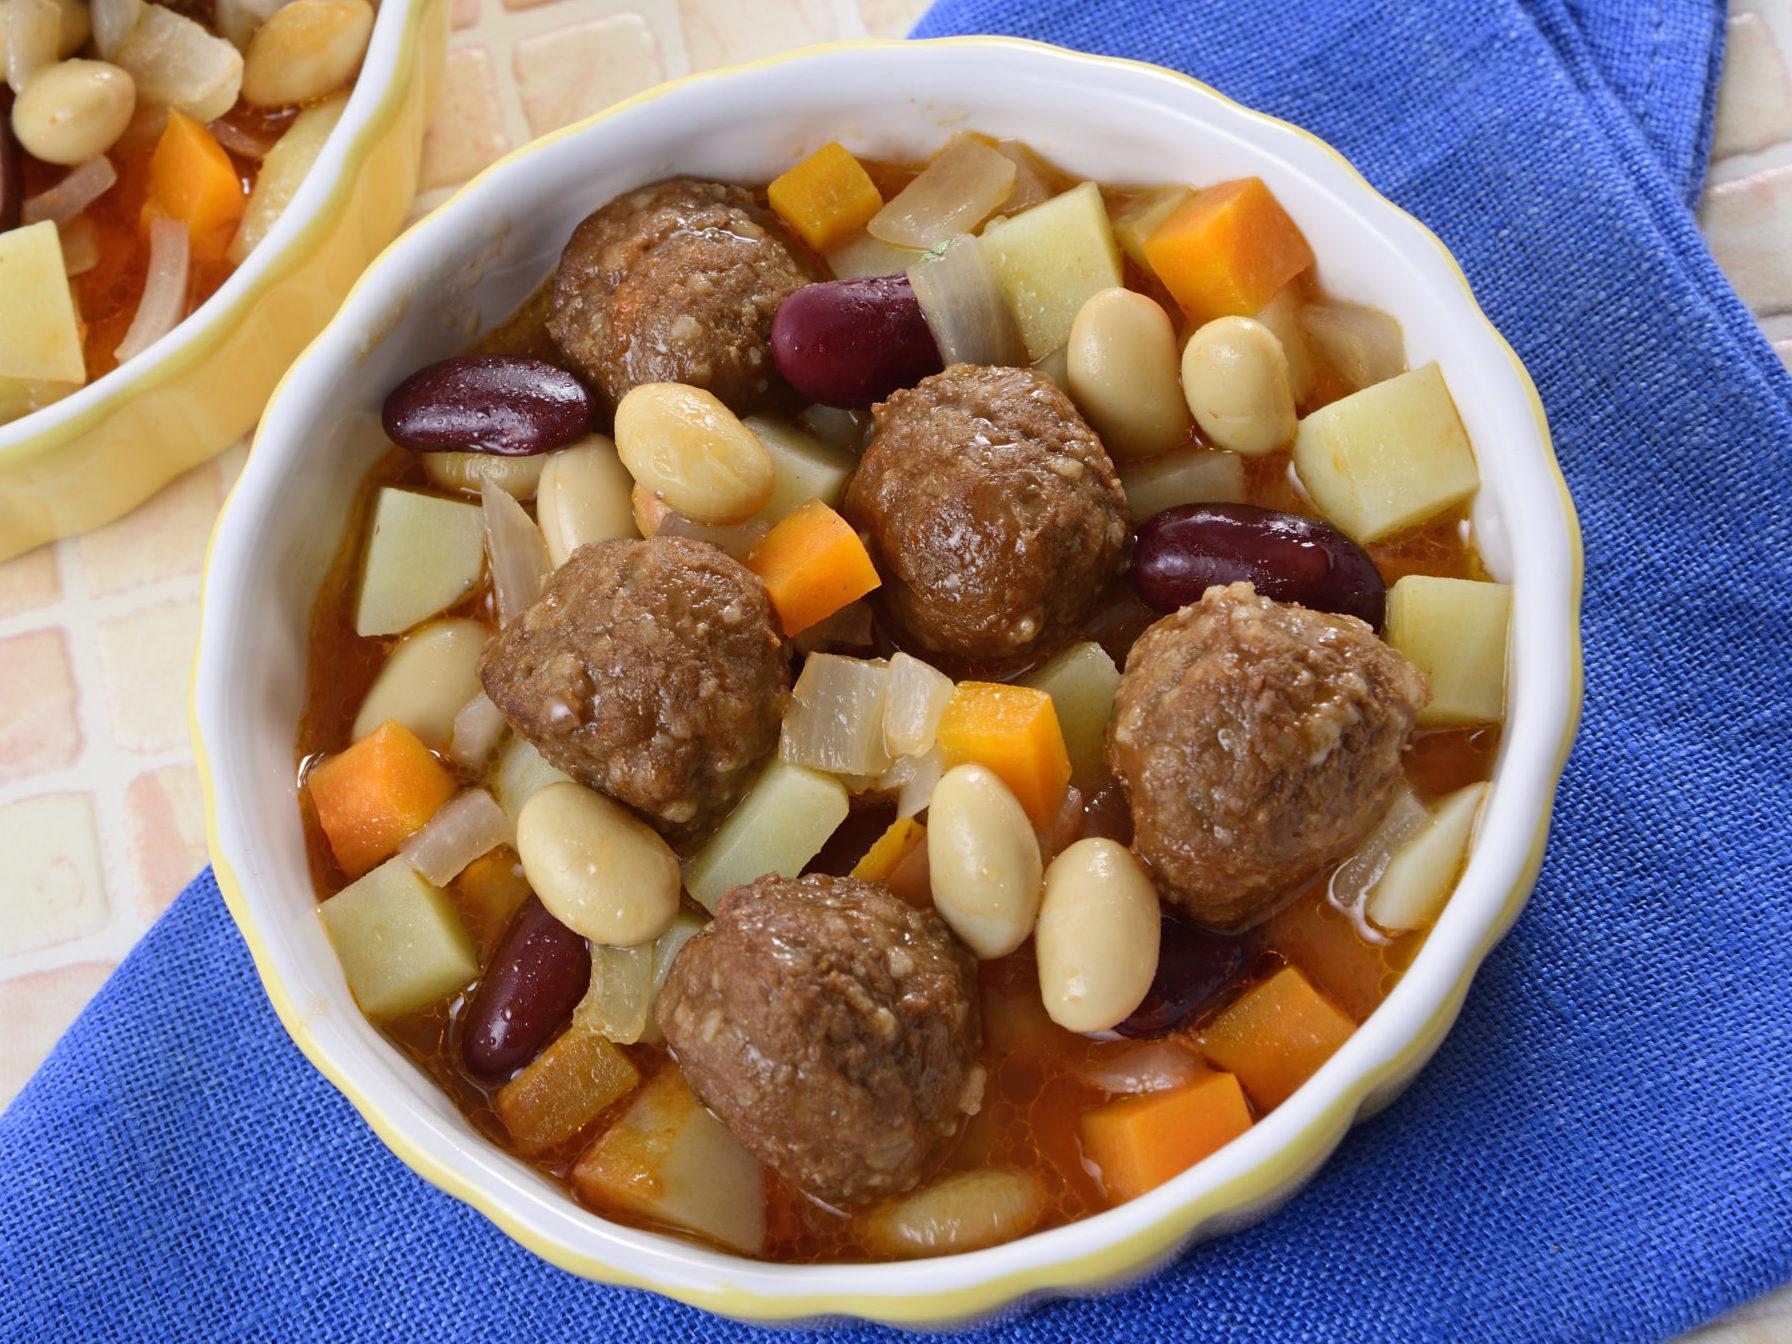 ミートボールとコロコロ野菜の豆煮込み